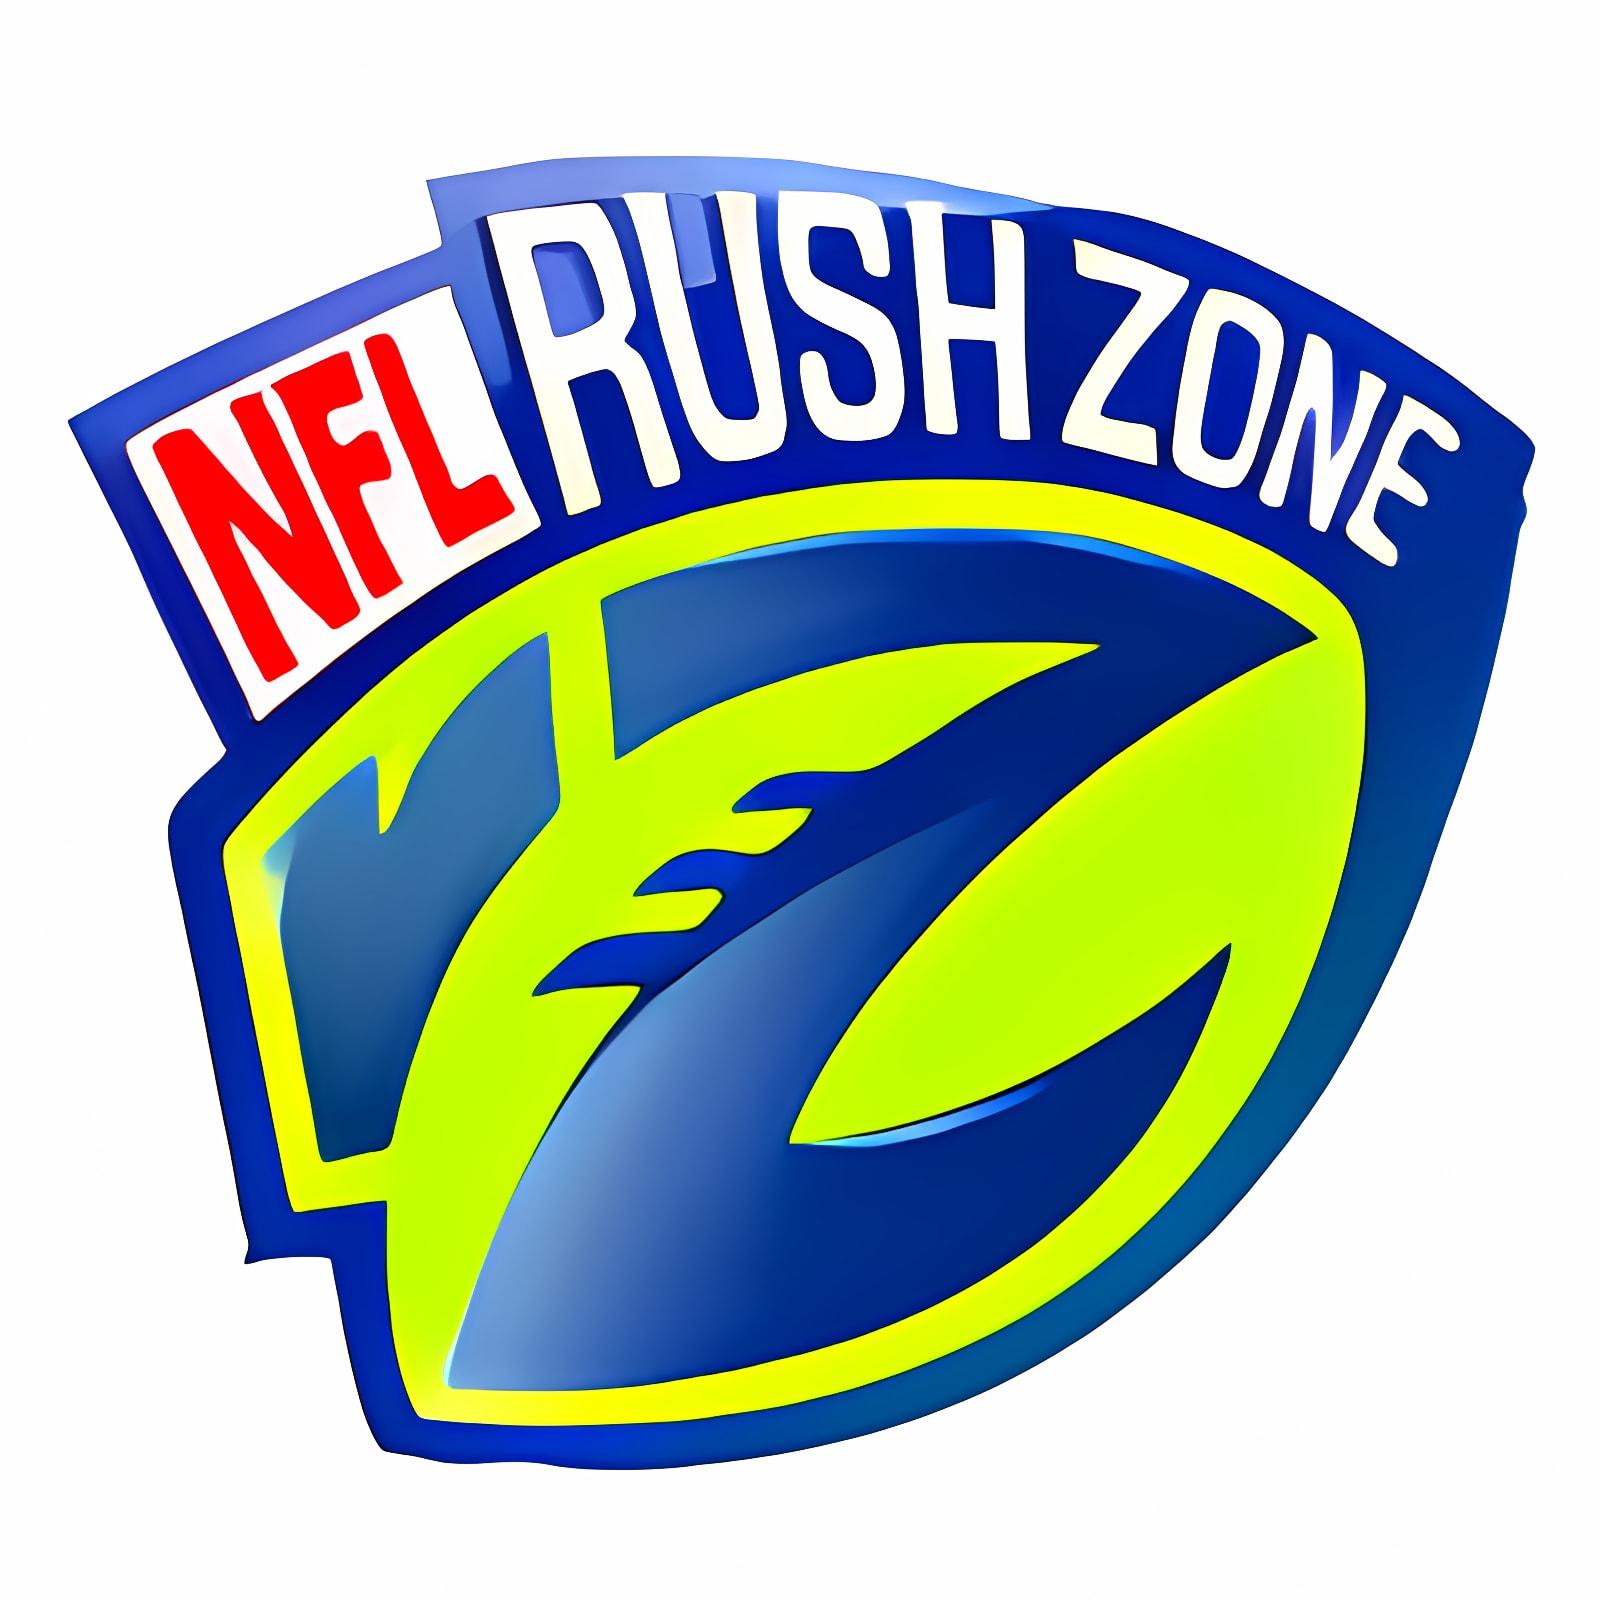 NFL Rush Zone 1.1.1